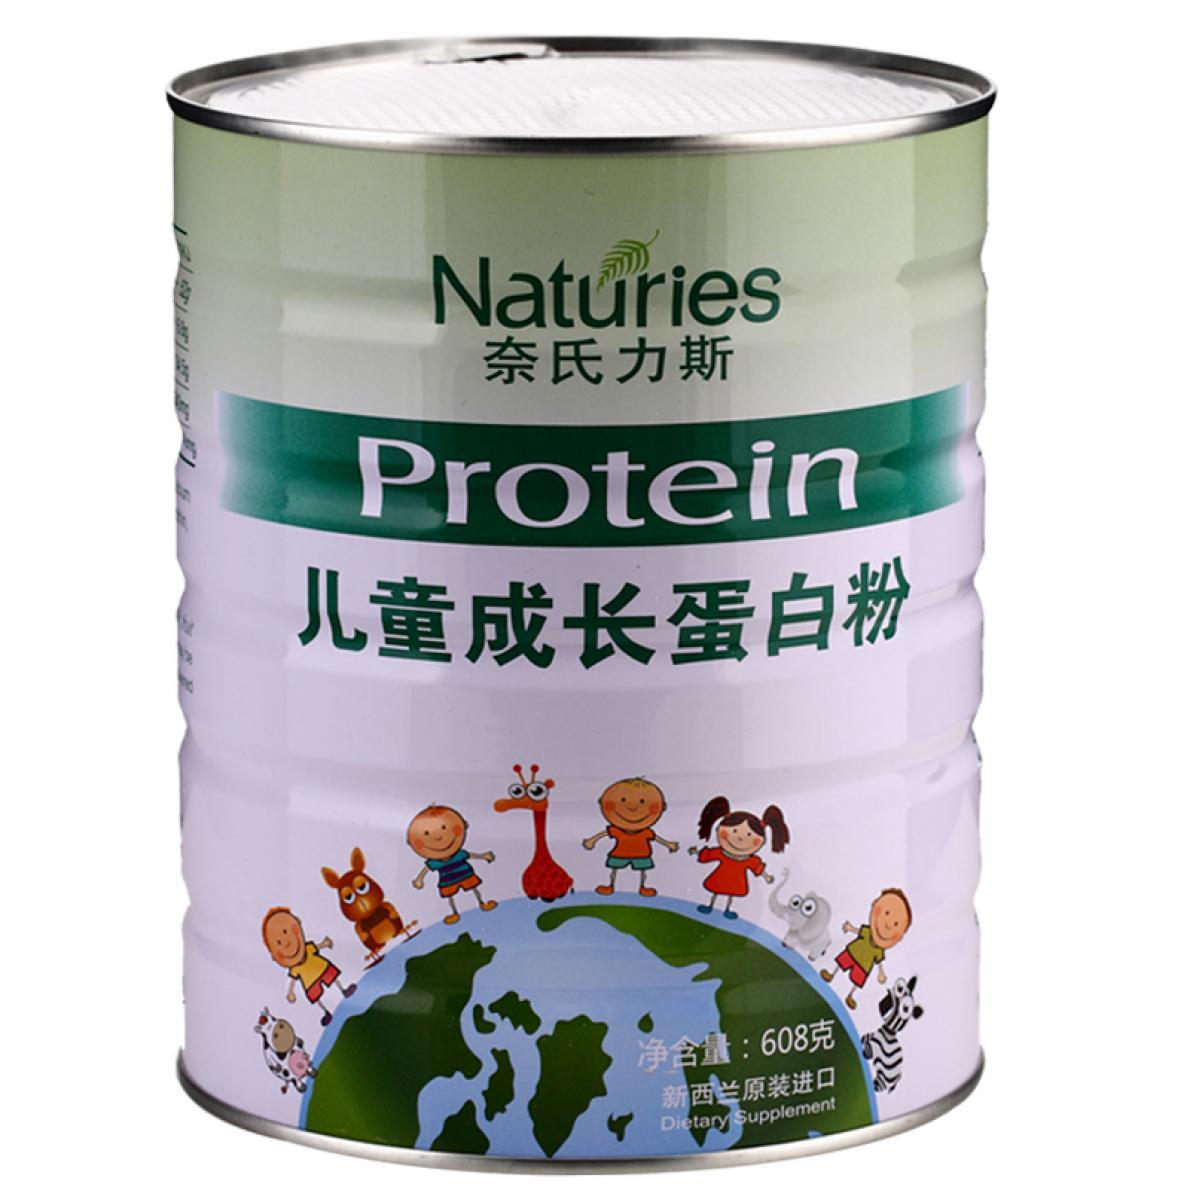 奈氏力斯 儿童成长蛋白粉  608g/罐